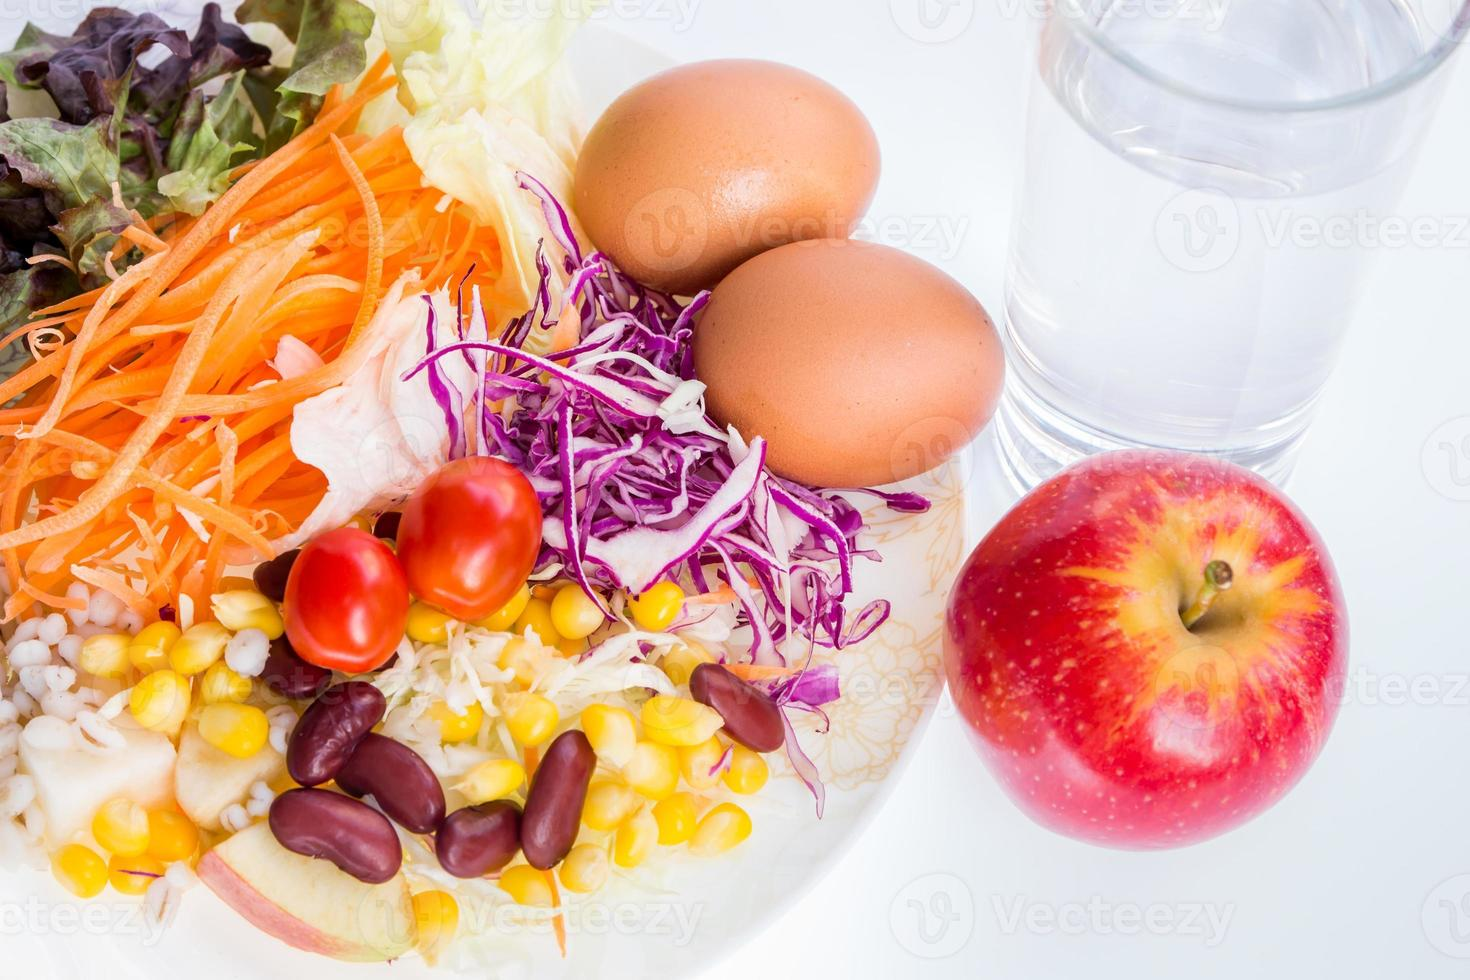 Salat in der weißen Platte Nahaufnahme Schuss. foto